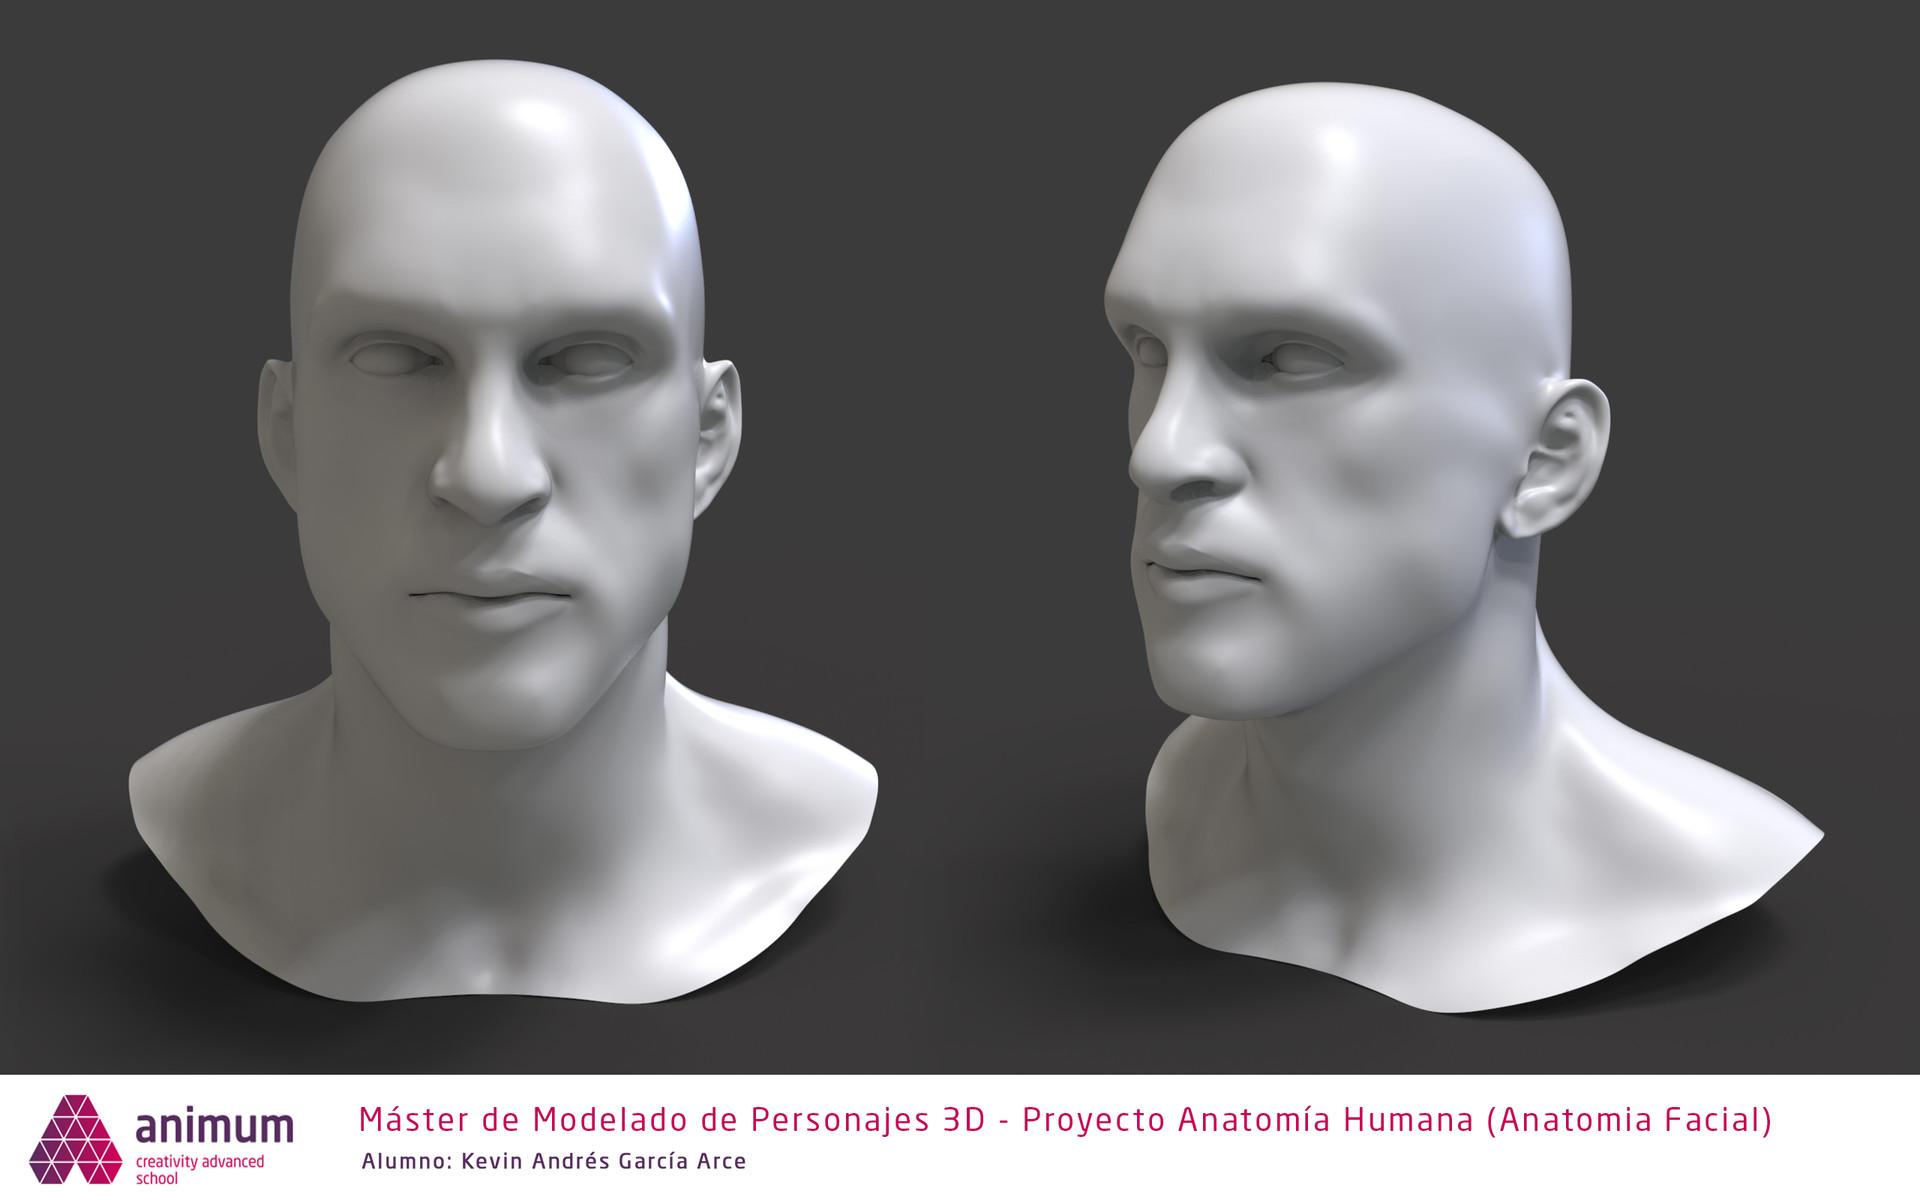 ArtStation - Anatomía Facial - Facial Anatomy, Kevin Garcia